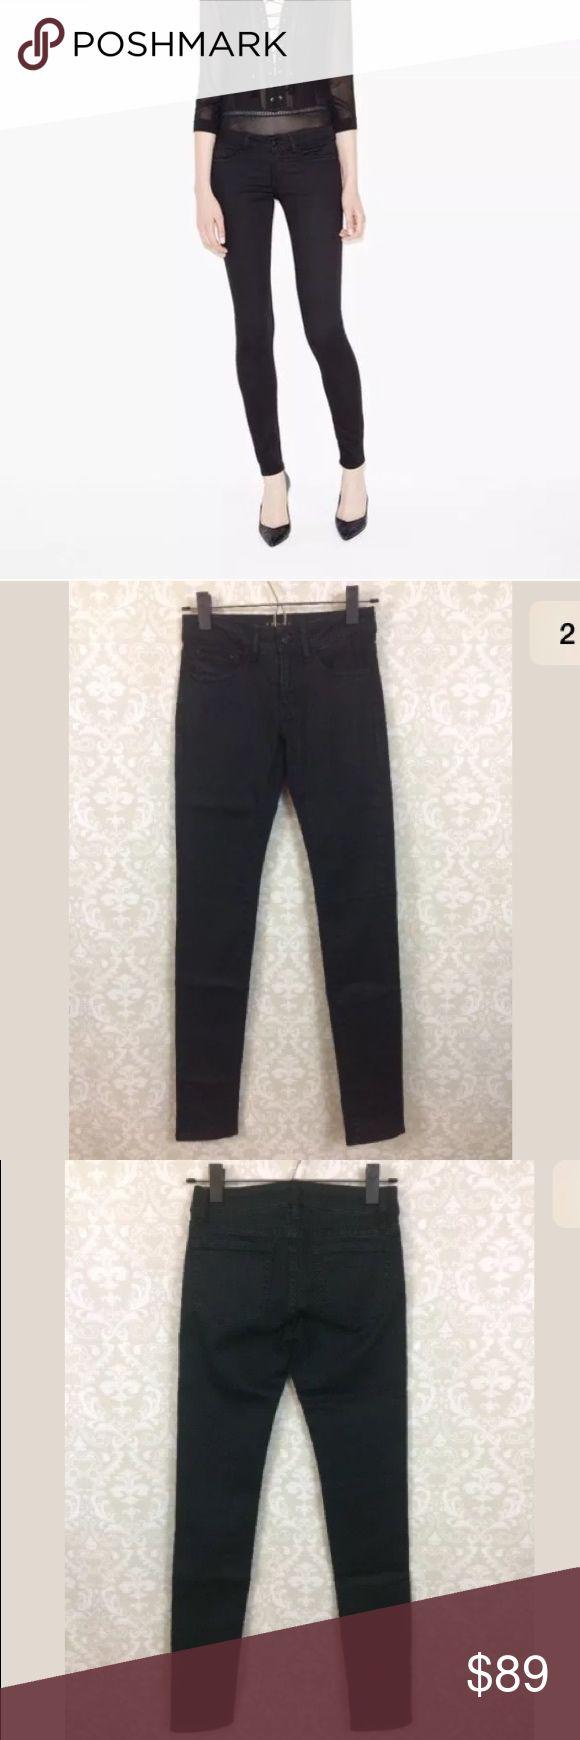 """New The Kooples Sport skin skinny jeans dark New with tags The Kooples Sport skinny jeans, size 24. Super dark navy color that looks black.   Waist lying flat-13""""  Inseam-31"""" The Kooples Jeans Skinny"""